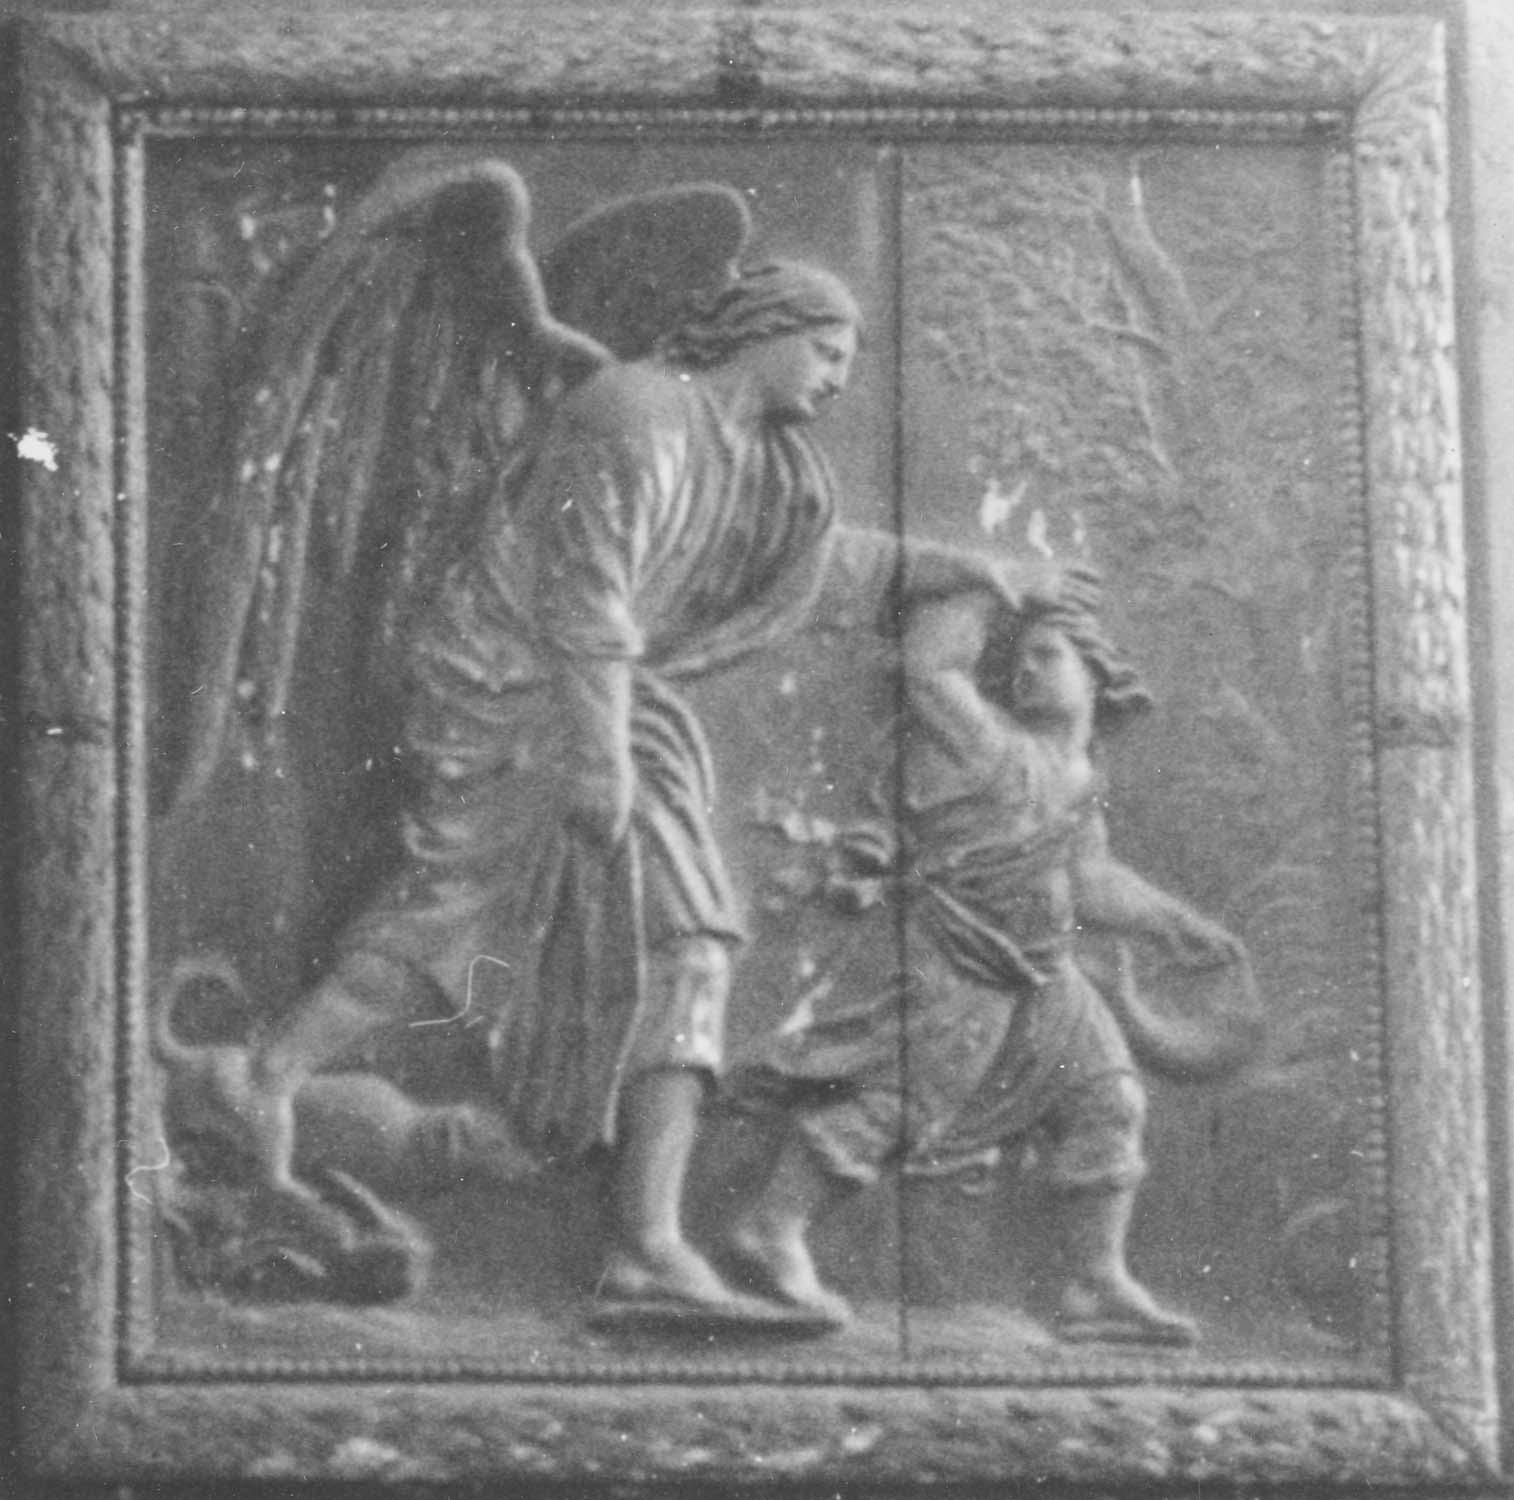 relief (panneau sculpté) : Voyage de Tobie et de l'archange Raphaël